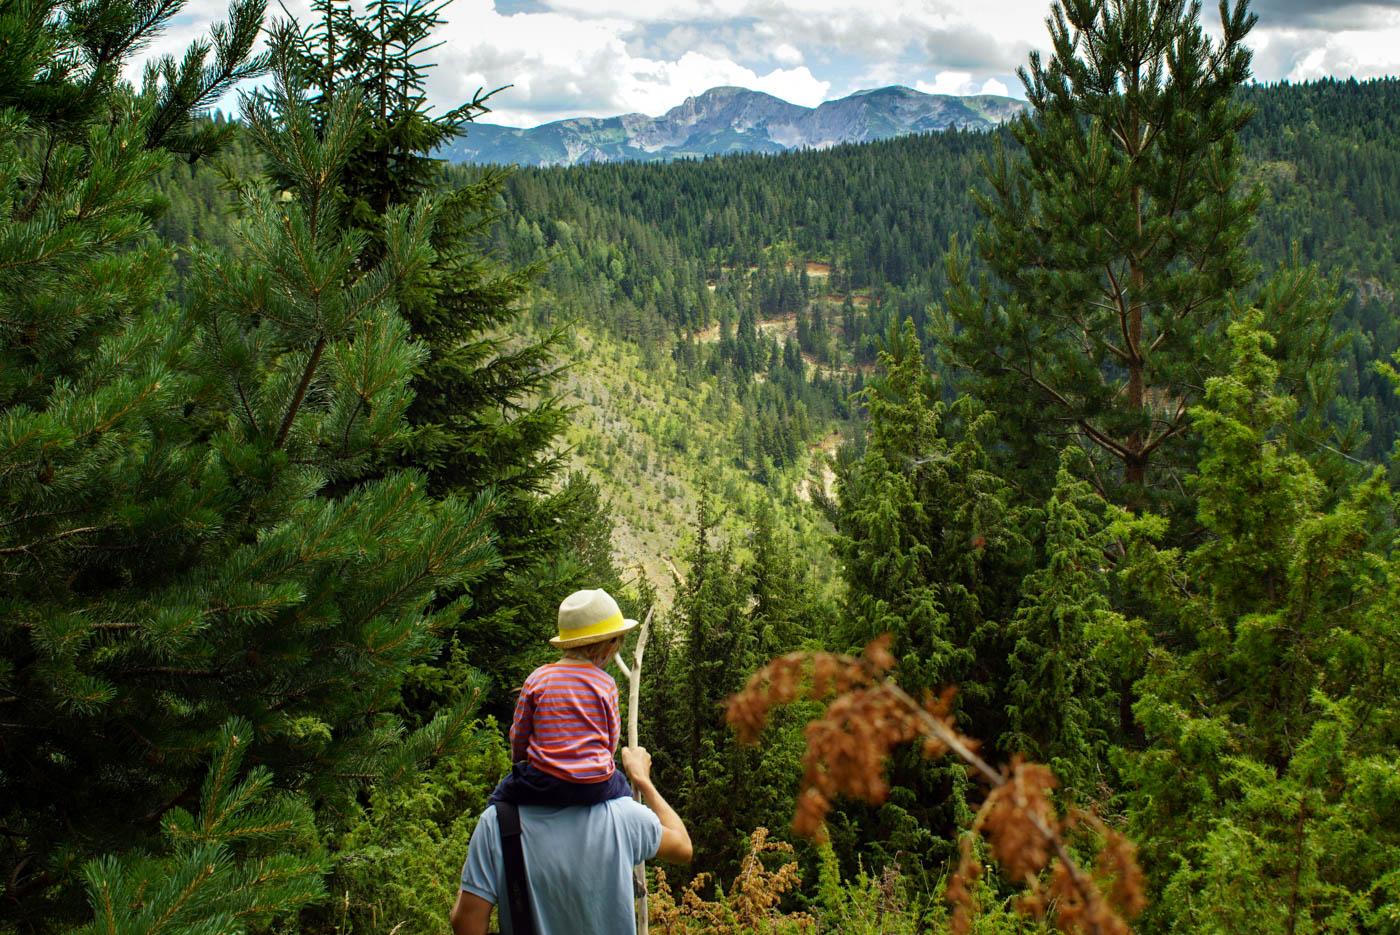 Im Vordergrund stehe ich zwischen niedrigen Bäumen mit Luke auf der Schulter und blicke hinaus in die bewaldete Rugova Schlucht im Hintergrund erheben sich Berge die über der Baumgrenze liegen.